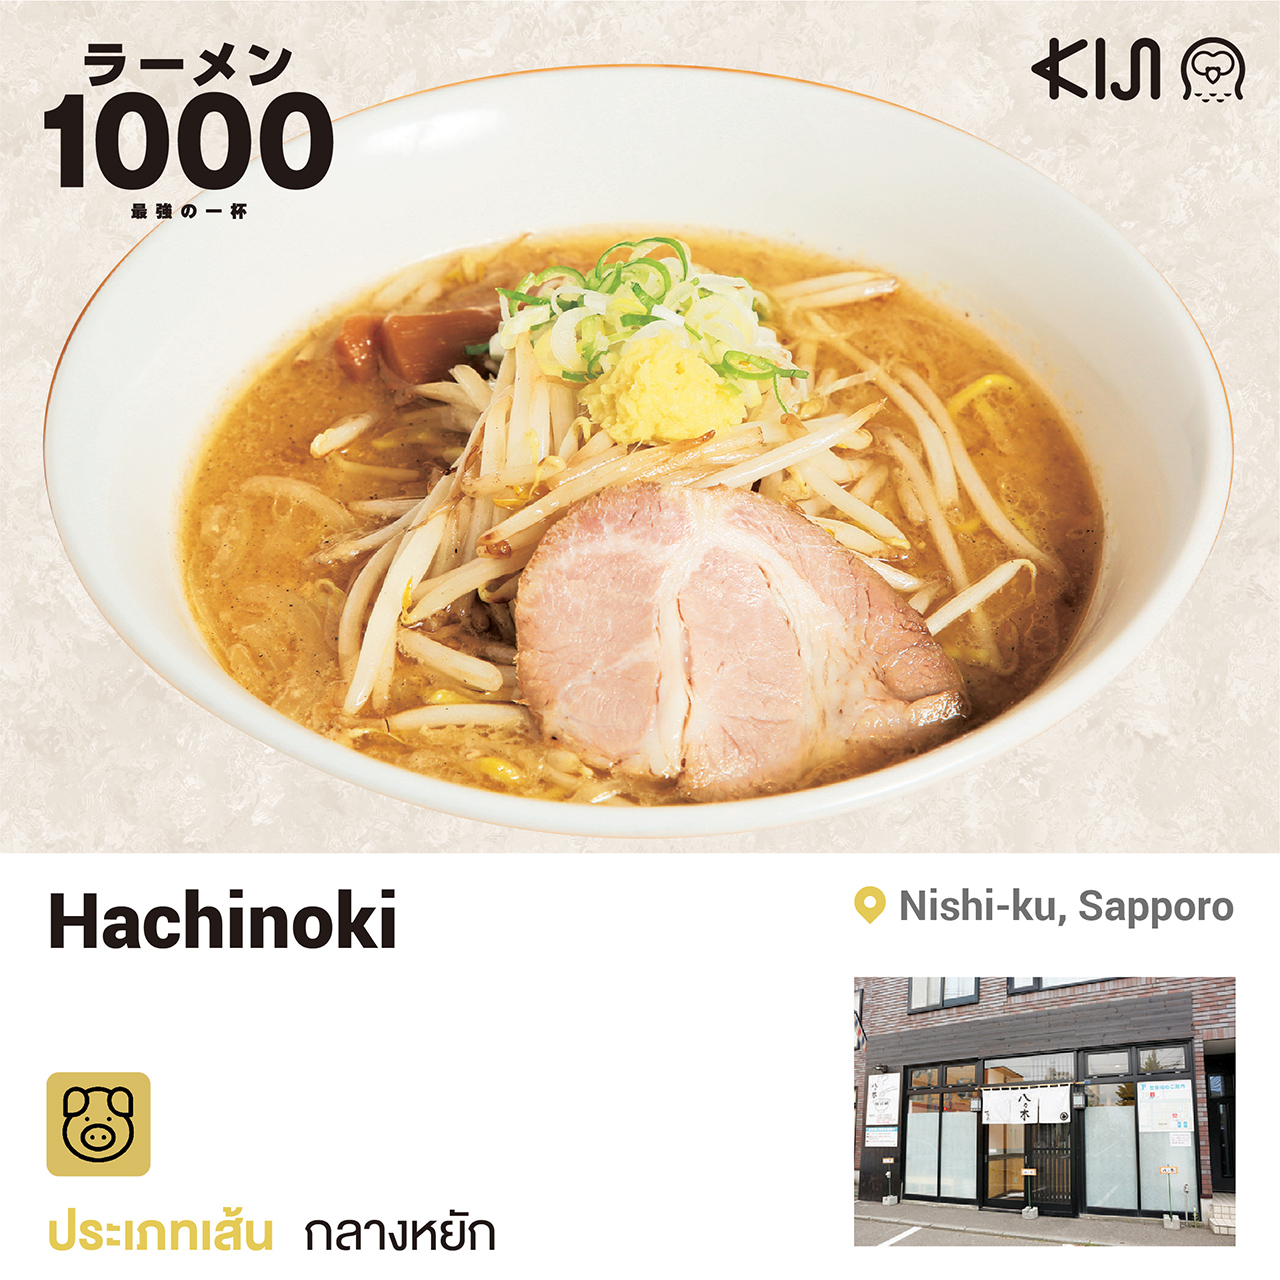 ร้านราเมน เขตนิชิ เมืองซัปโปโร จ.ฮอกไกโด - Hachinoki